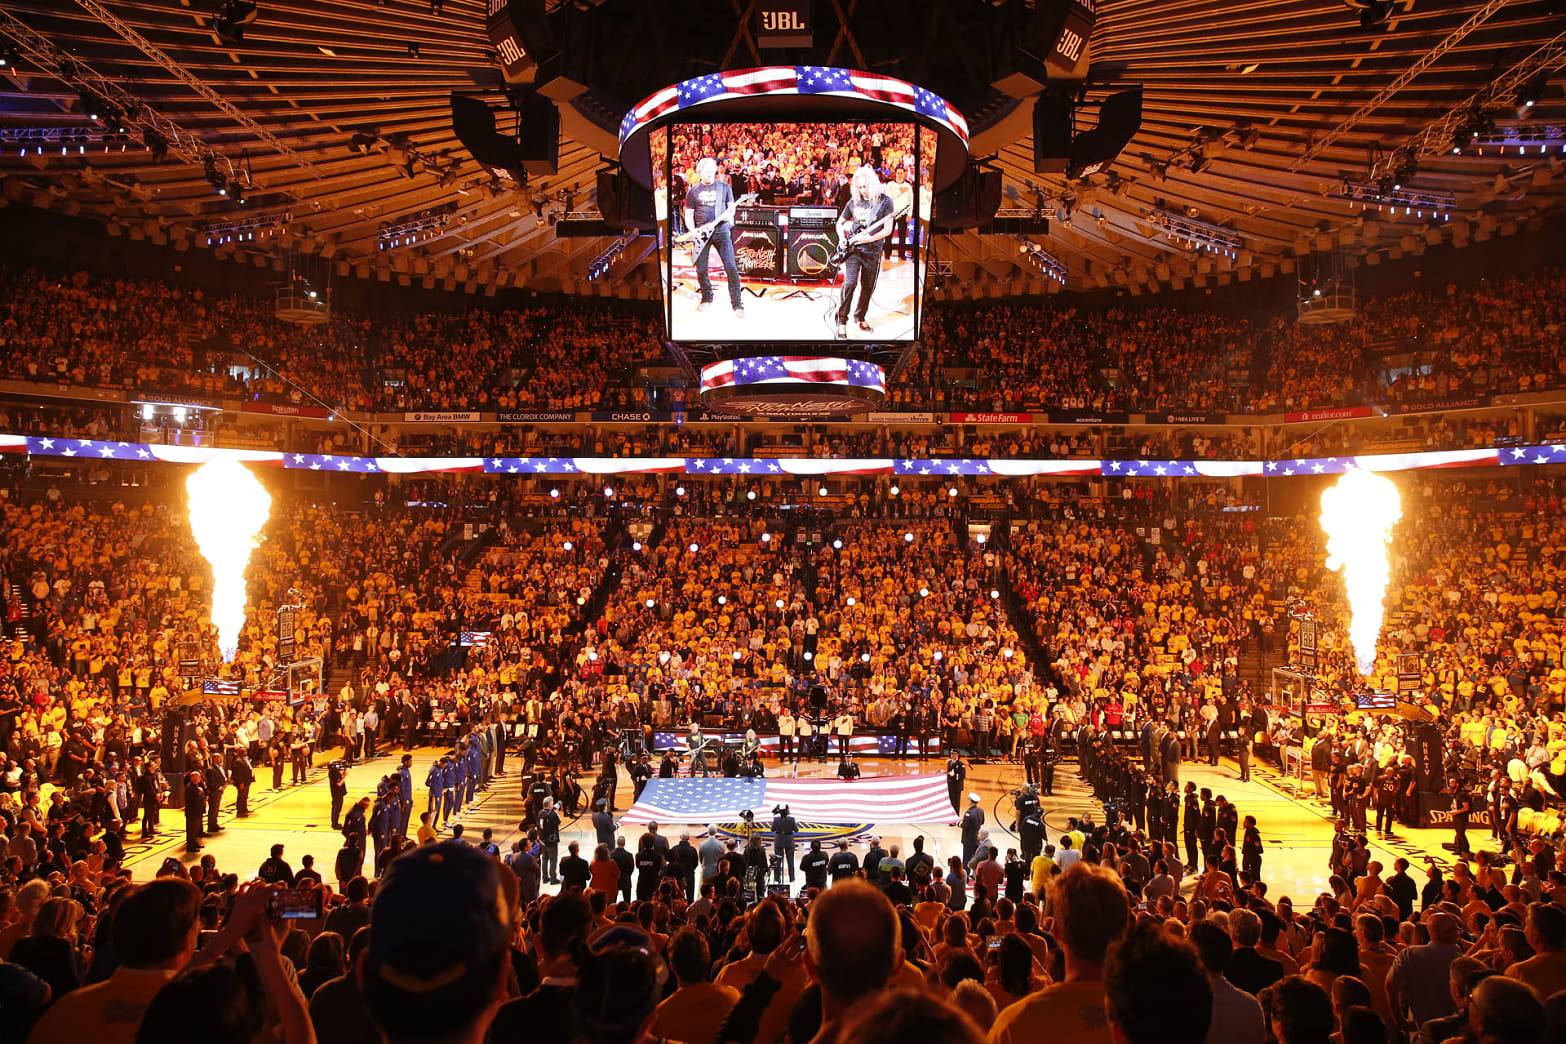 NBA Finals: Game 3 - June 5, 2019